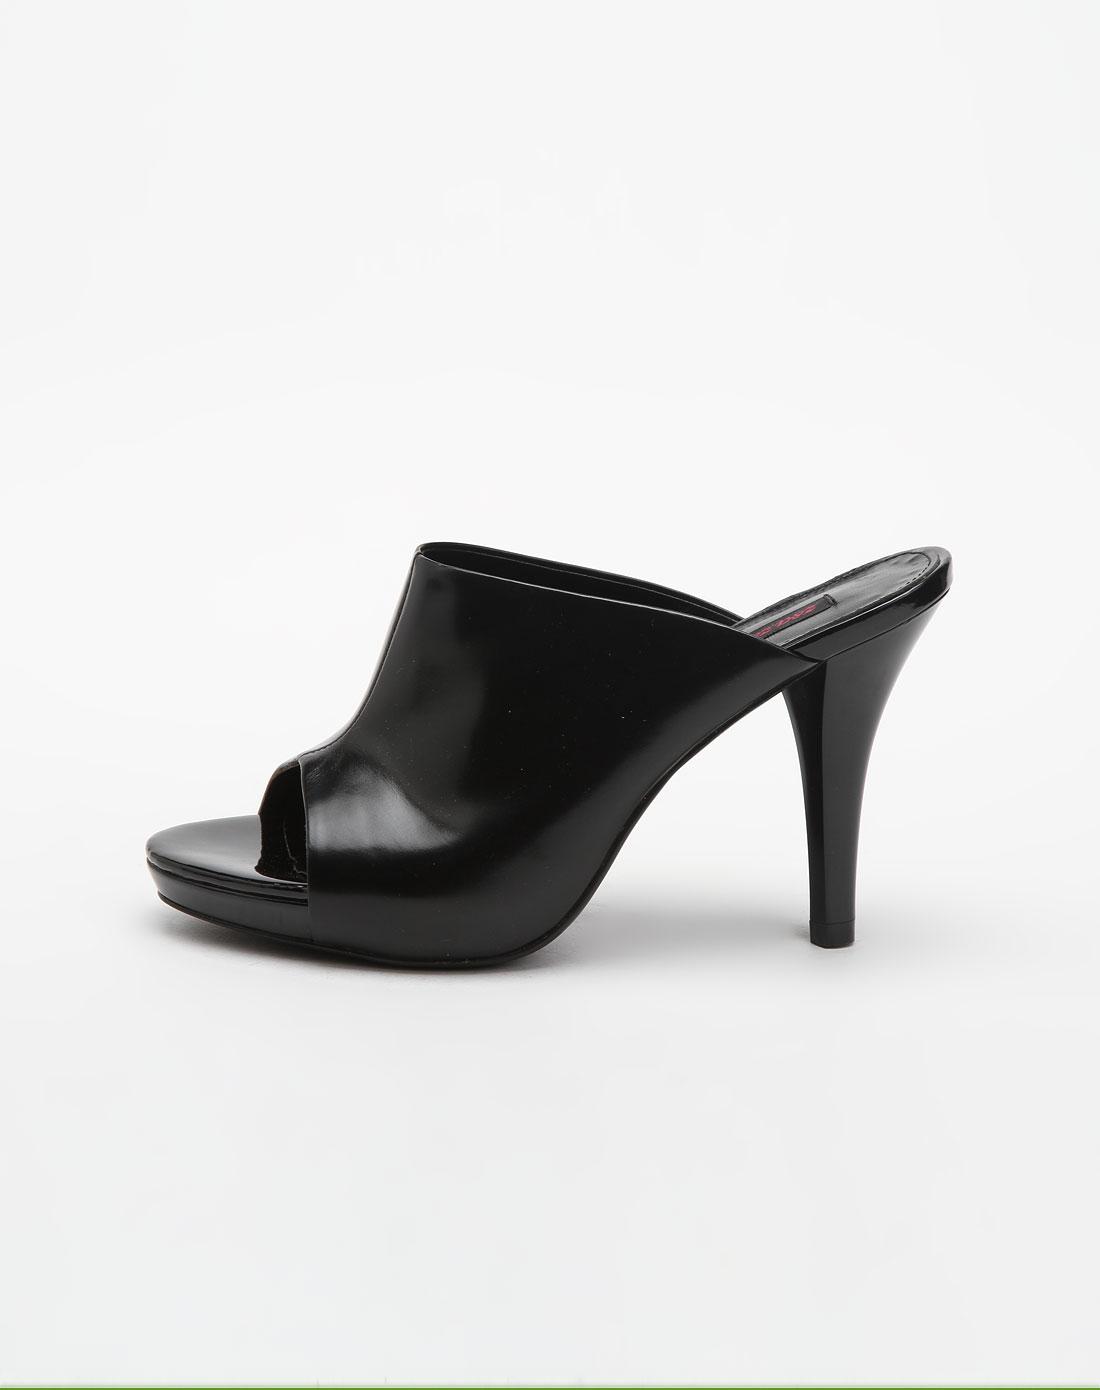 黑色水晶牛皮高跟凉鞋